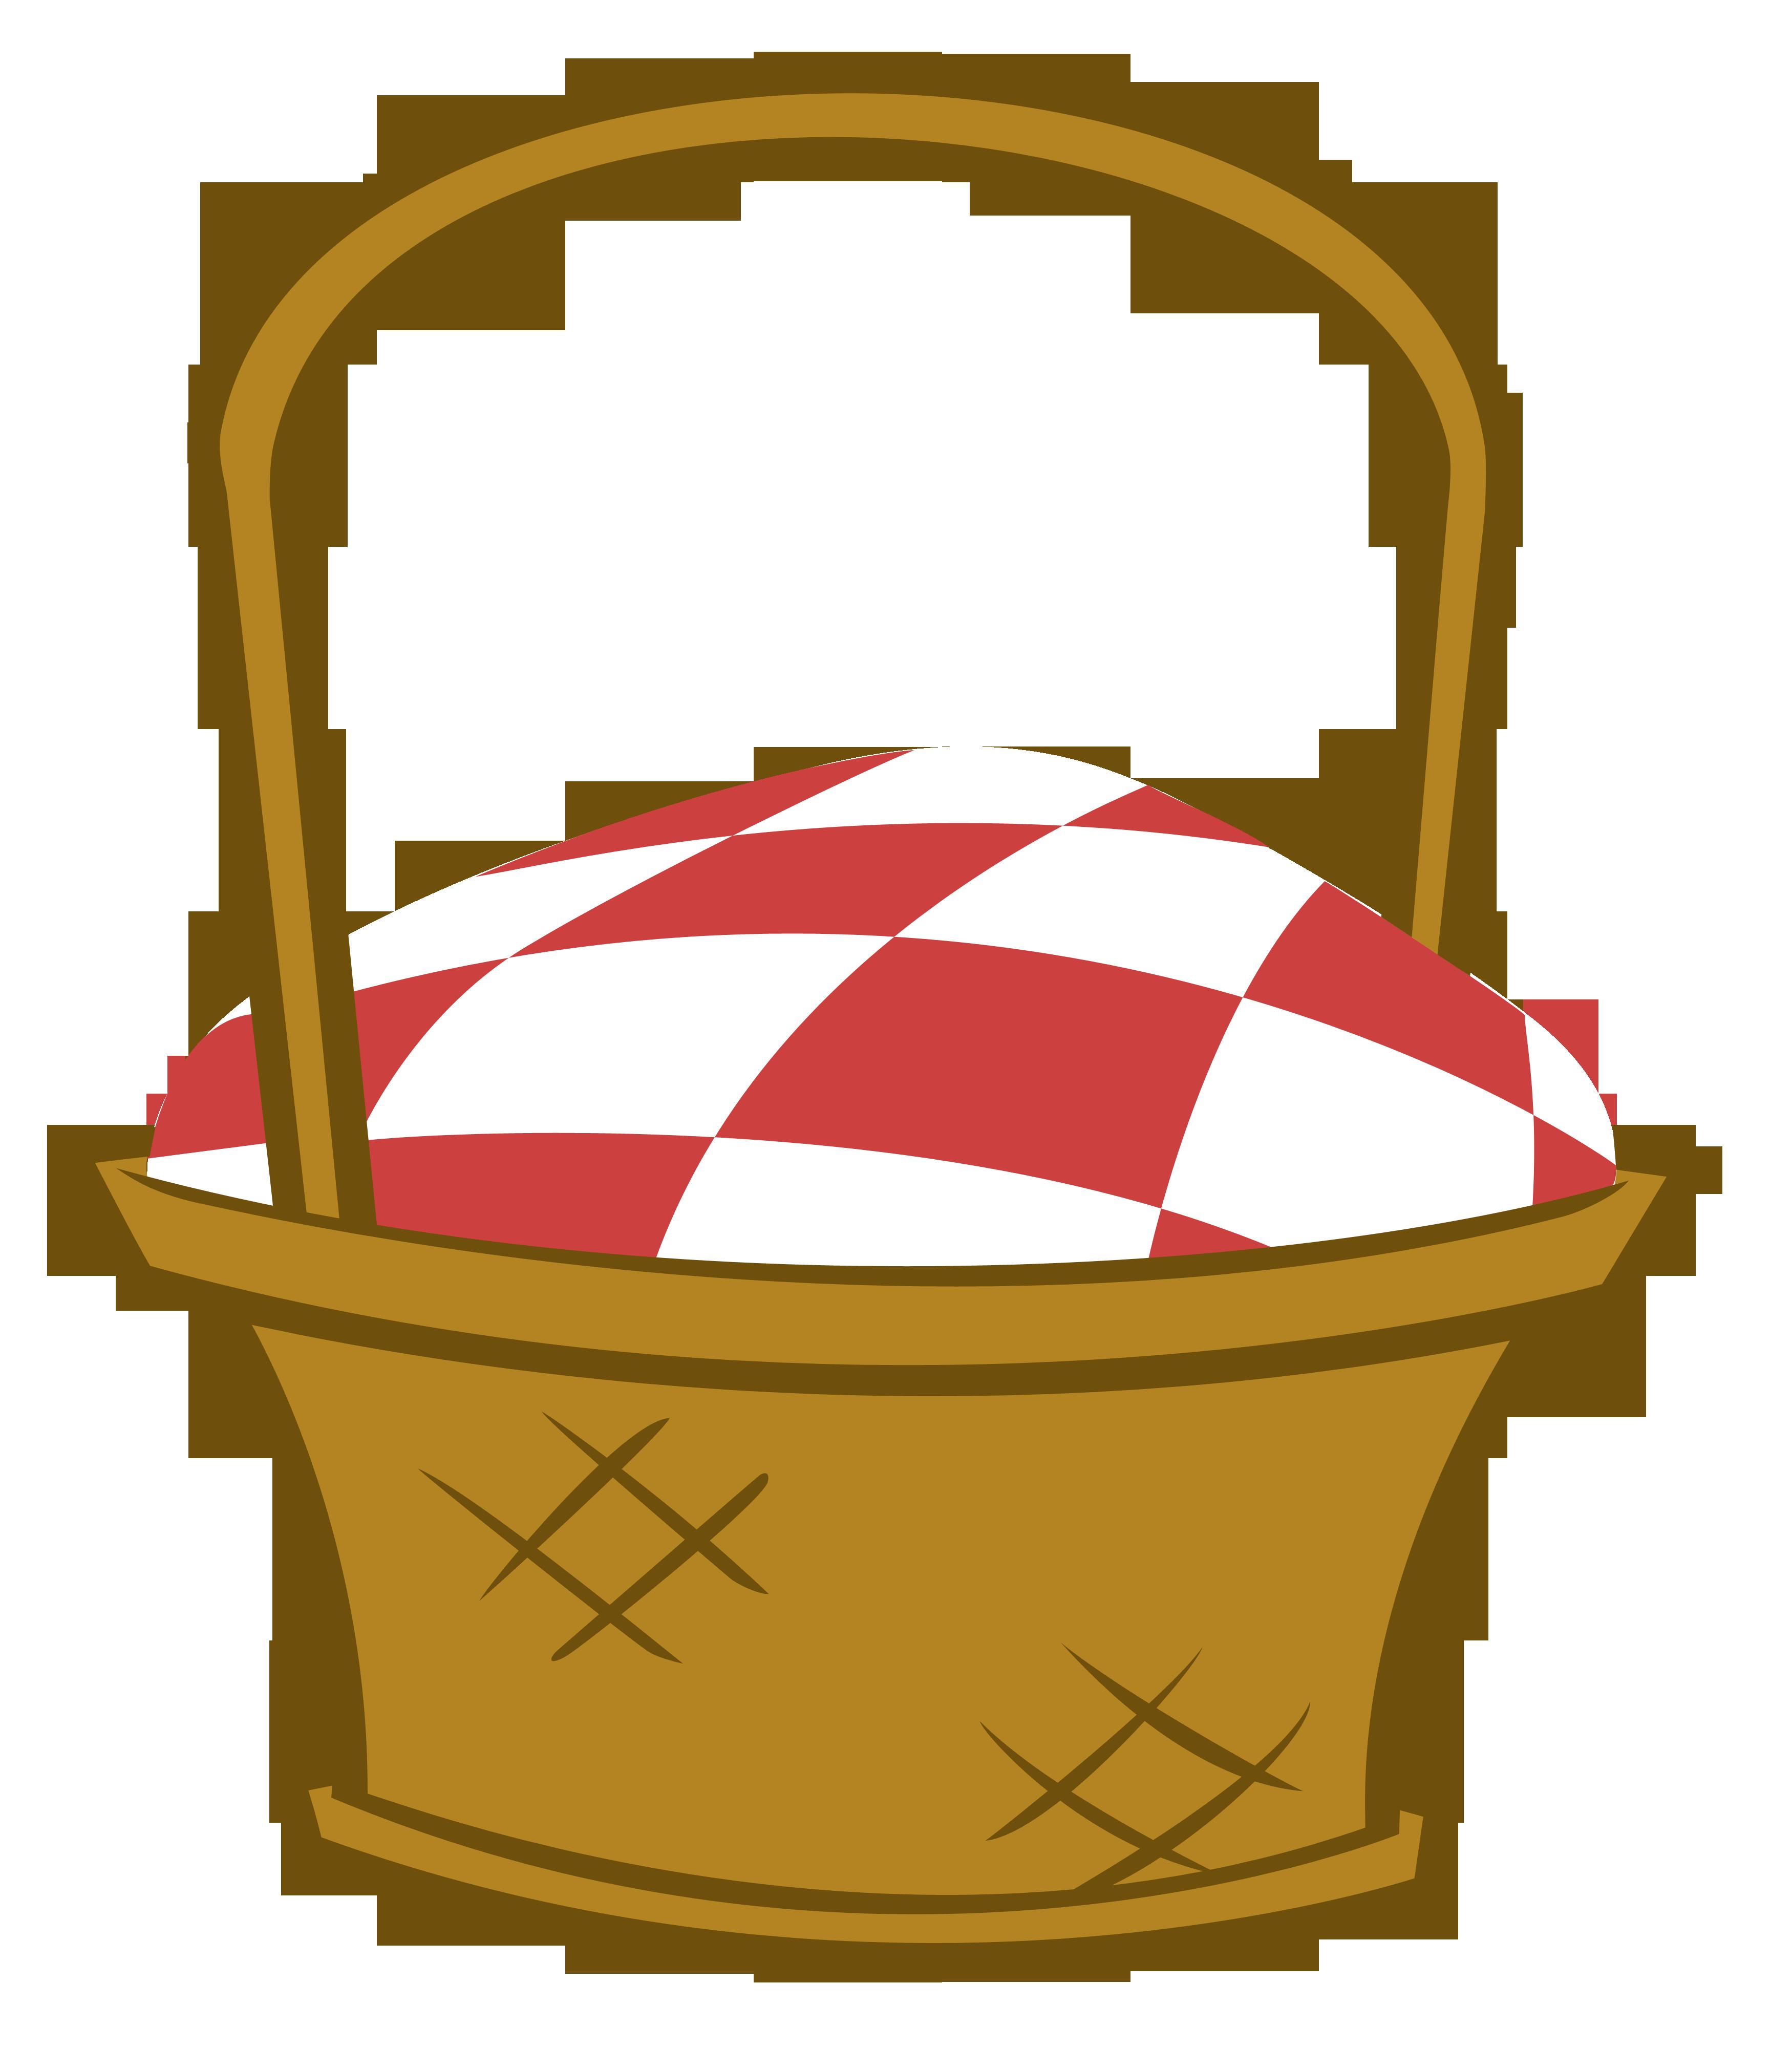 Picnic Basket Clipart.